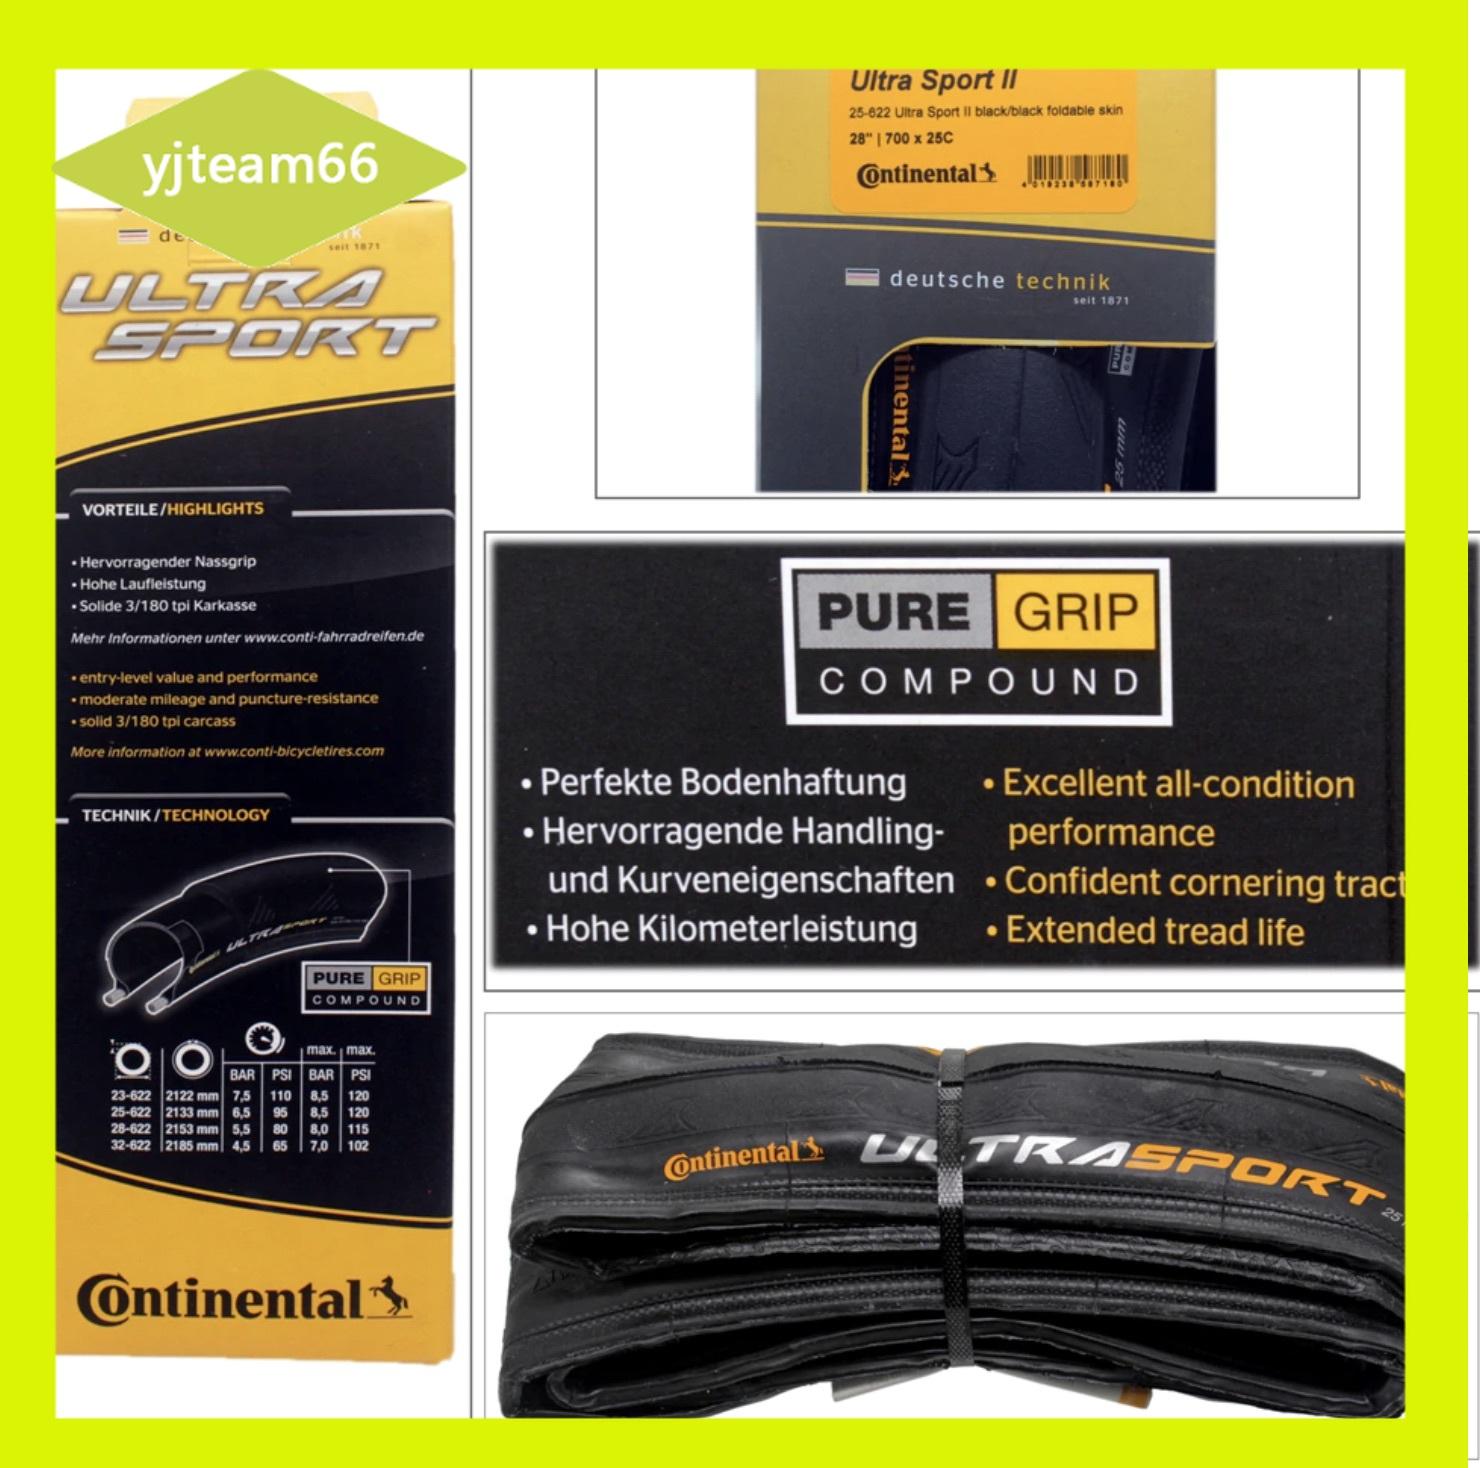 熱賣中!原裝德國馬牌轮胎Ultra Sport3 Extra防刺胎GRAND公路車胎700 23C 25C外胎#SFTW